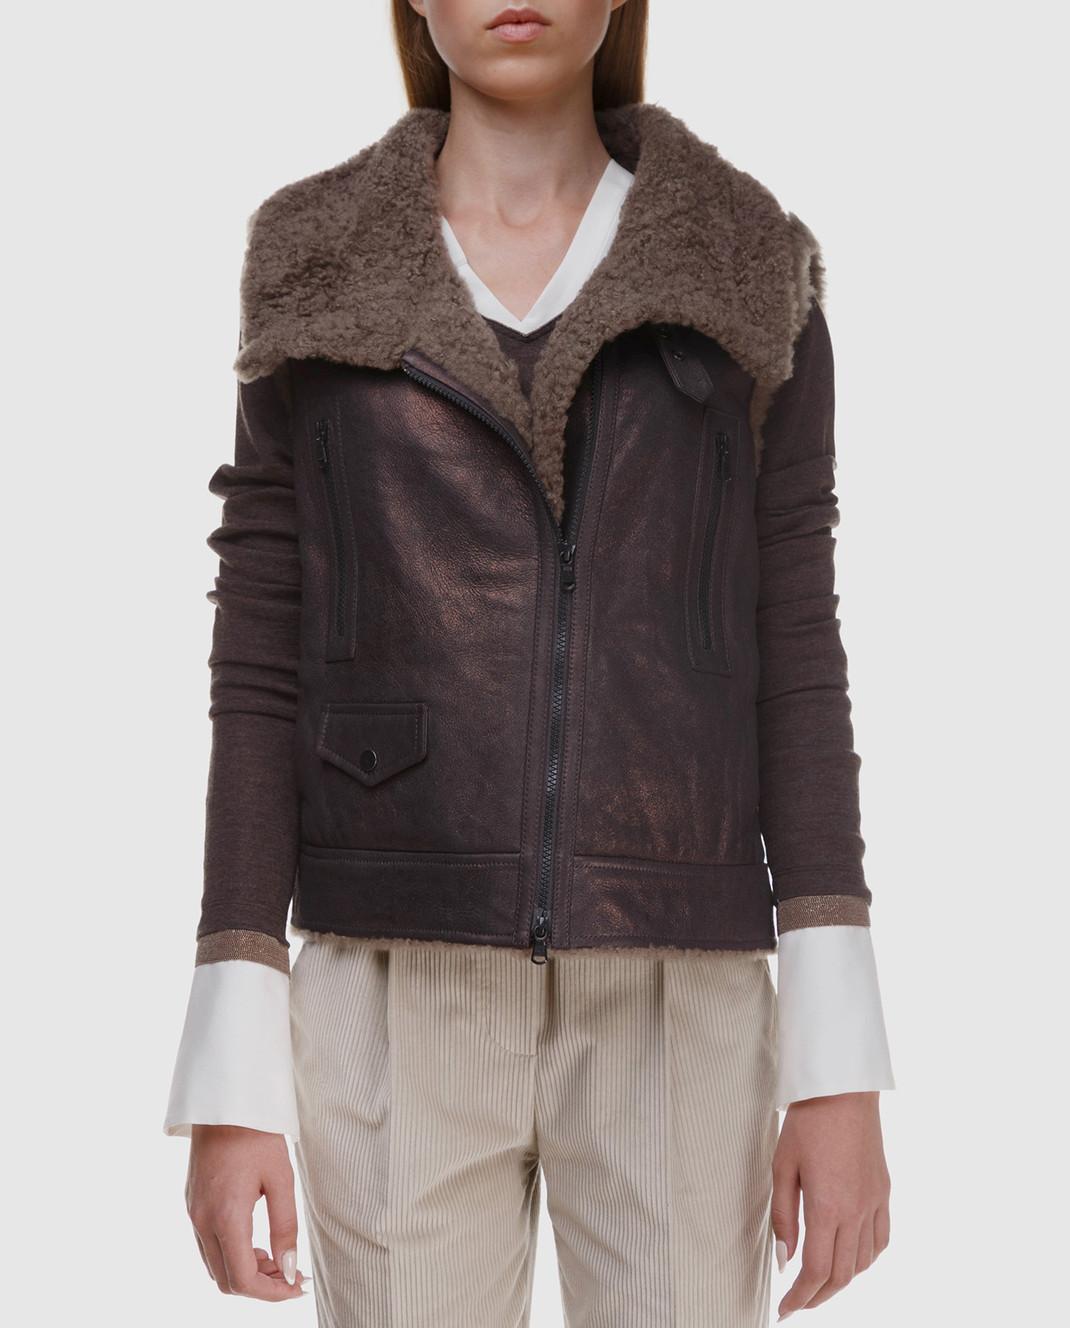 Brunello Cucinelli Коричневый кожаный жилет с мехом барашка MPBPO8449P изображение 3